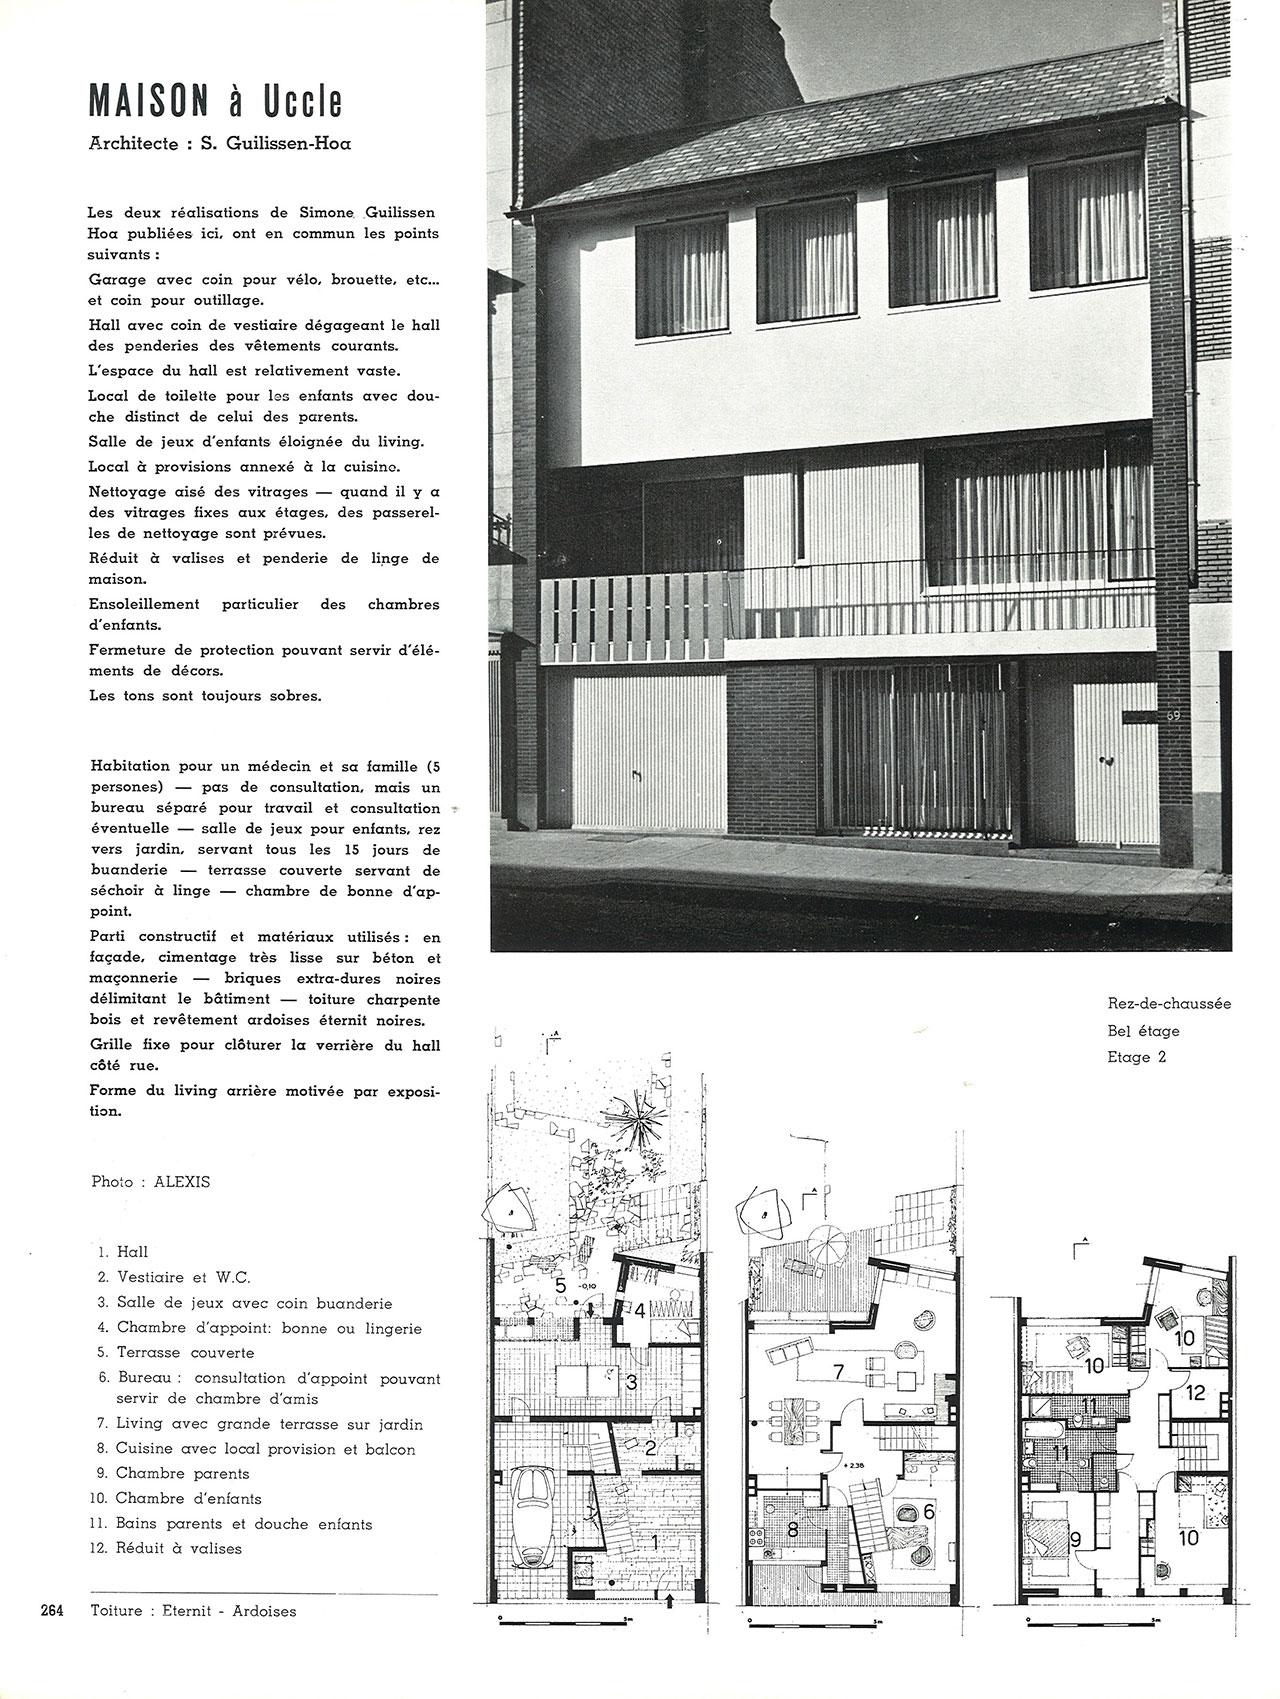 Maison à Uccle